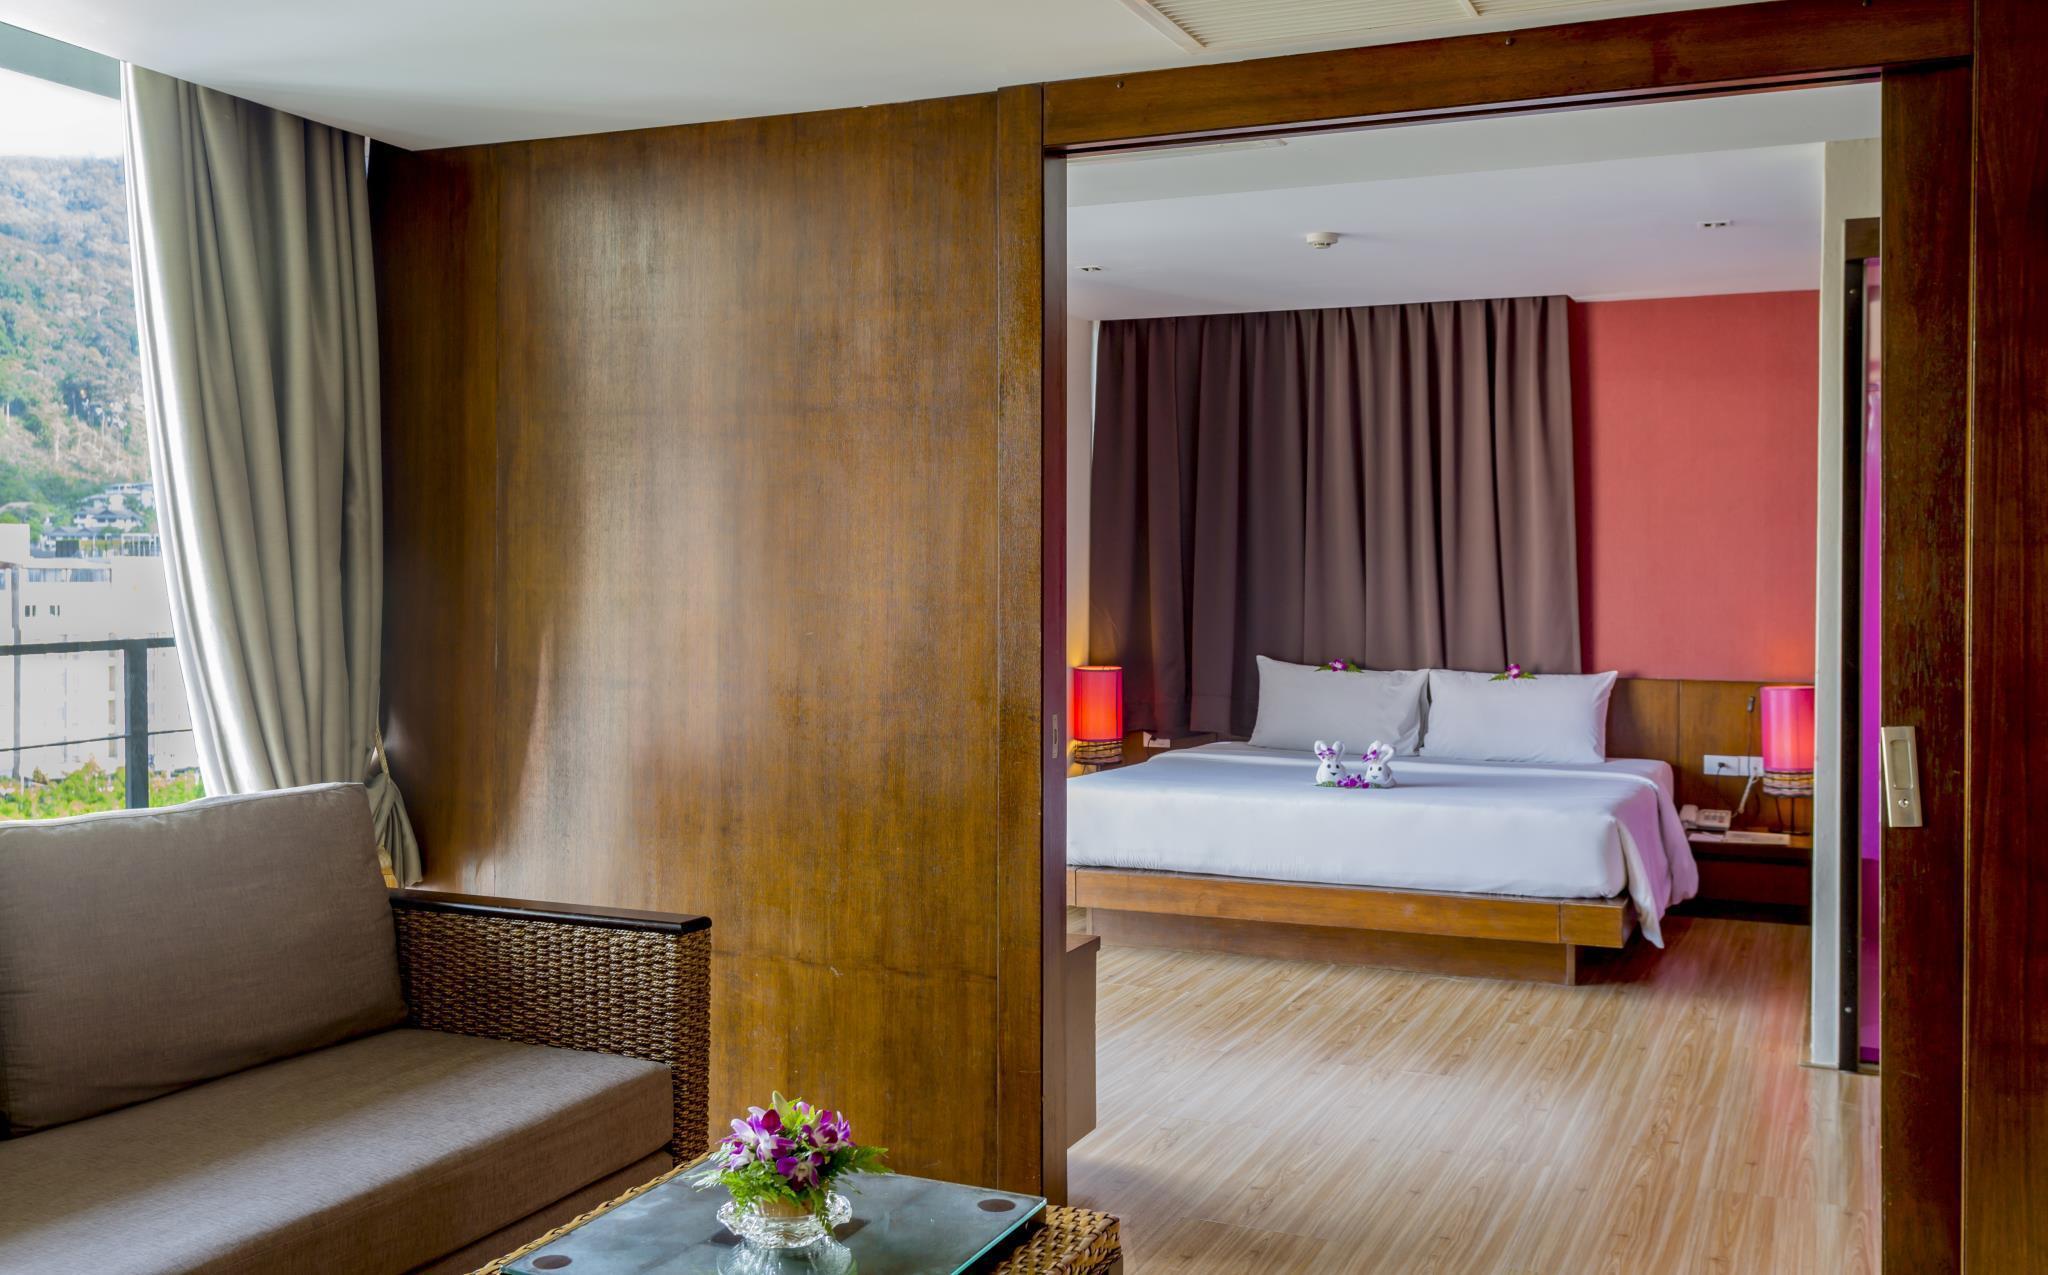 โรงแรมพีจีเอส ป่าตอง